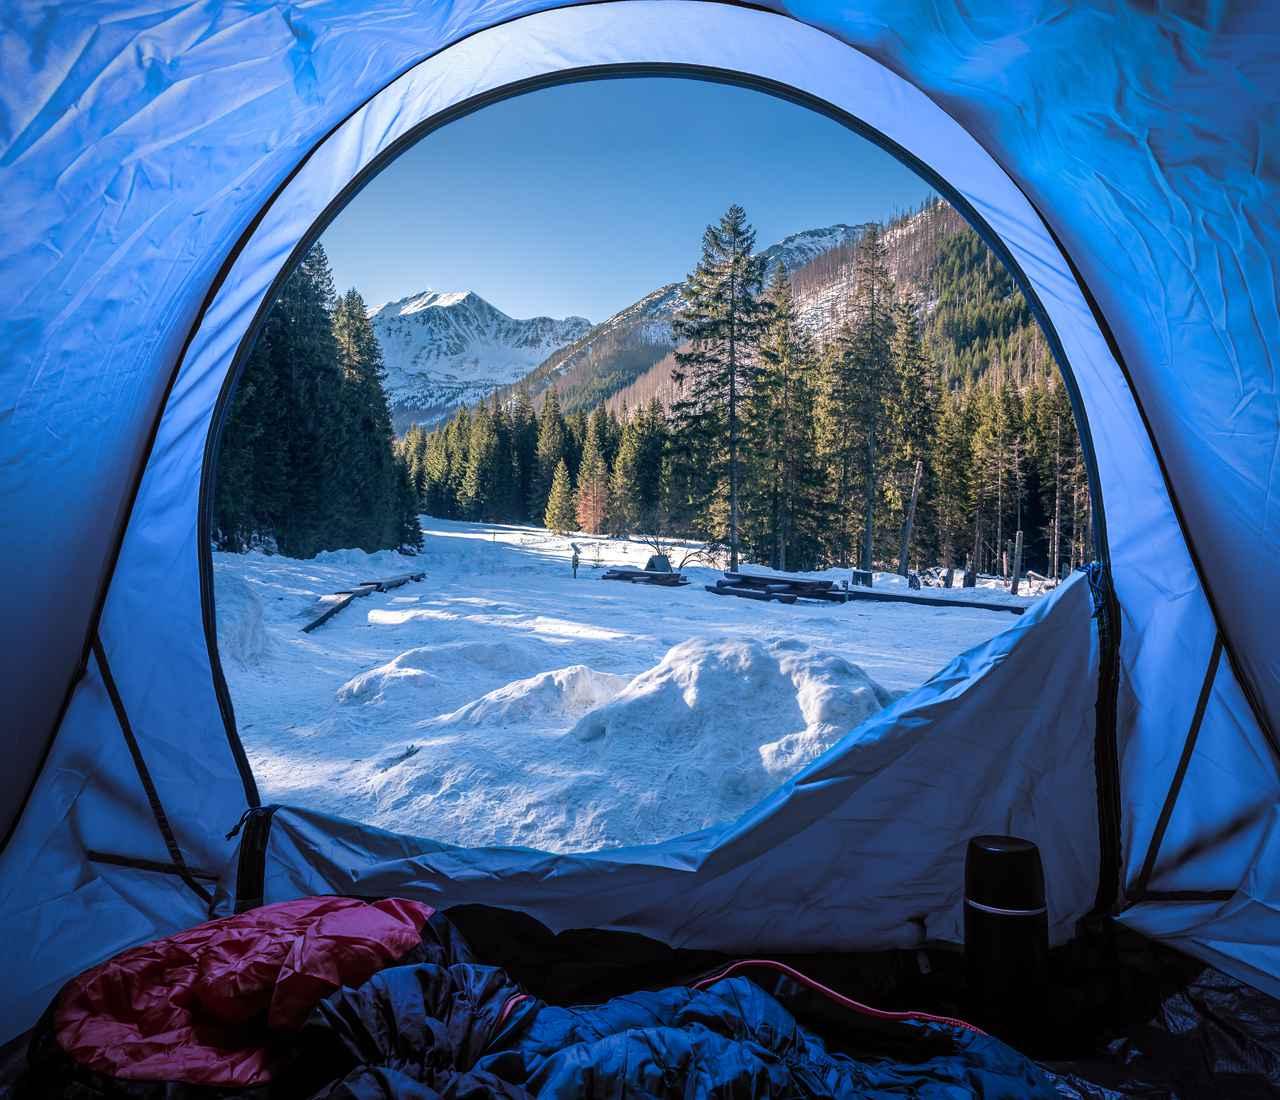 画像: 快適な睡眠の必須アイテム! 寝袋(シュラフ)で防寒対策